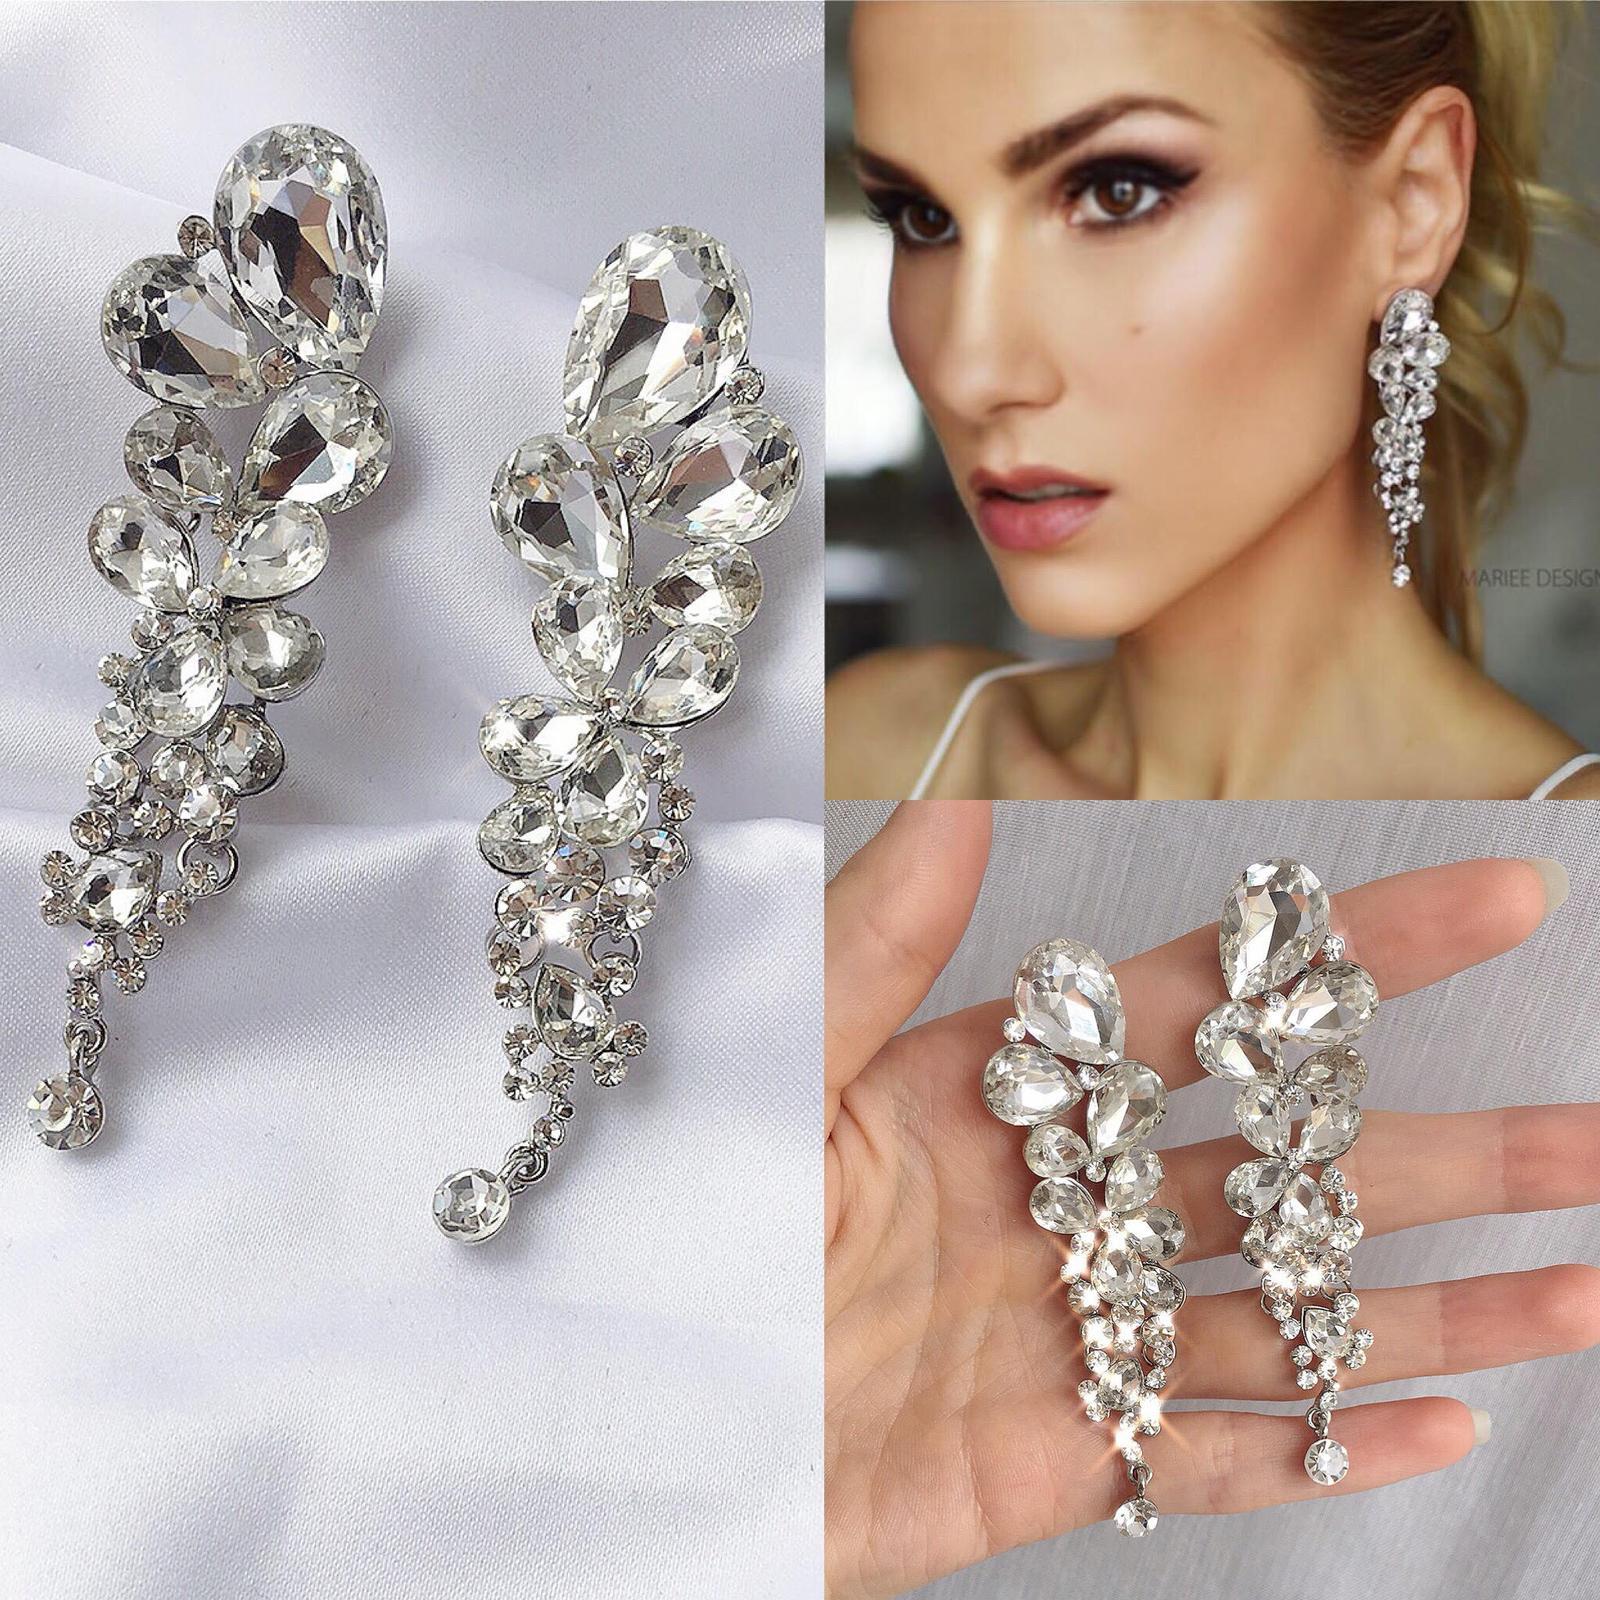 Šperky NA SKLADE - real foto - Obrázok č. 19